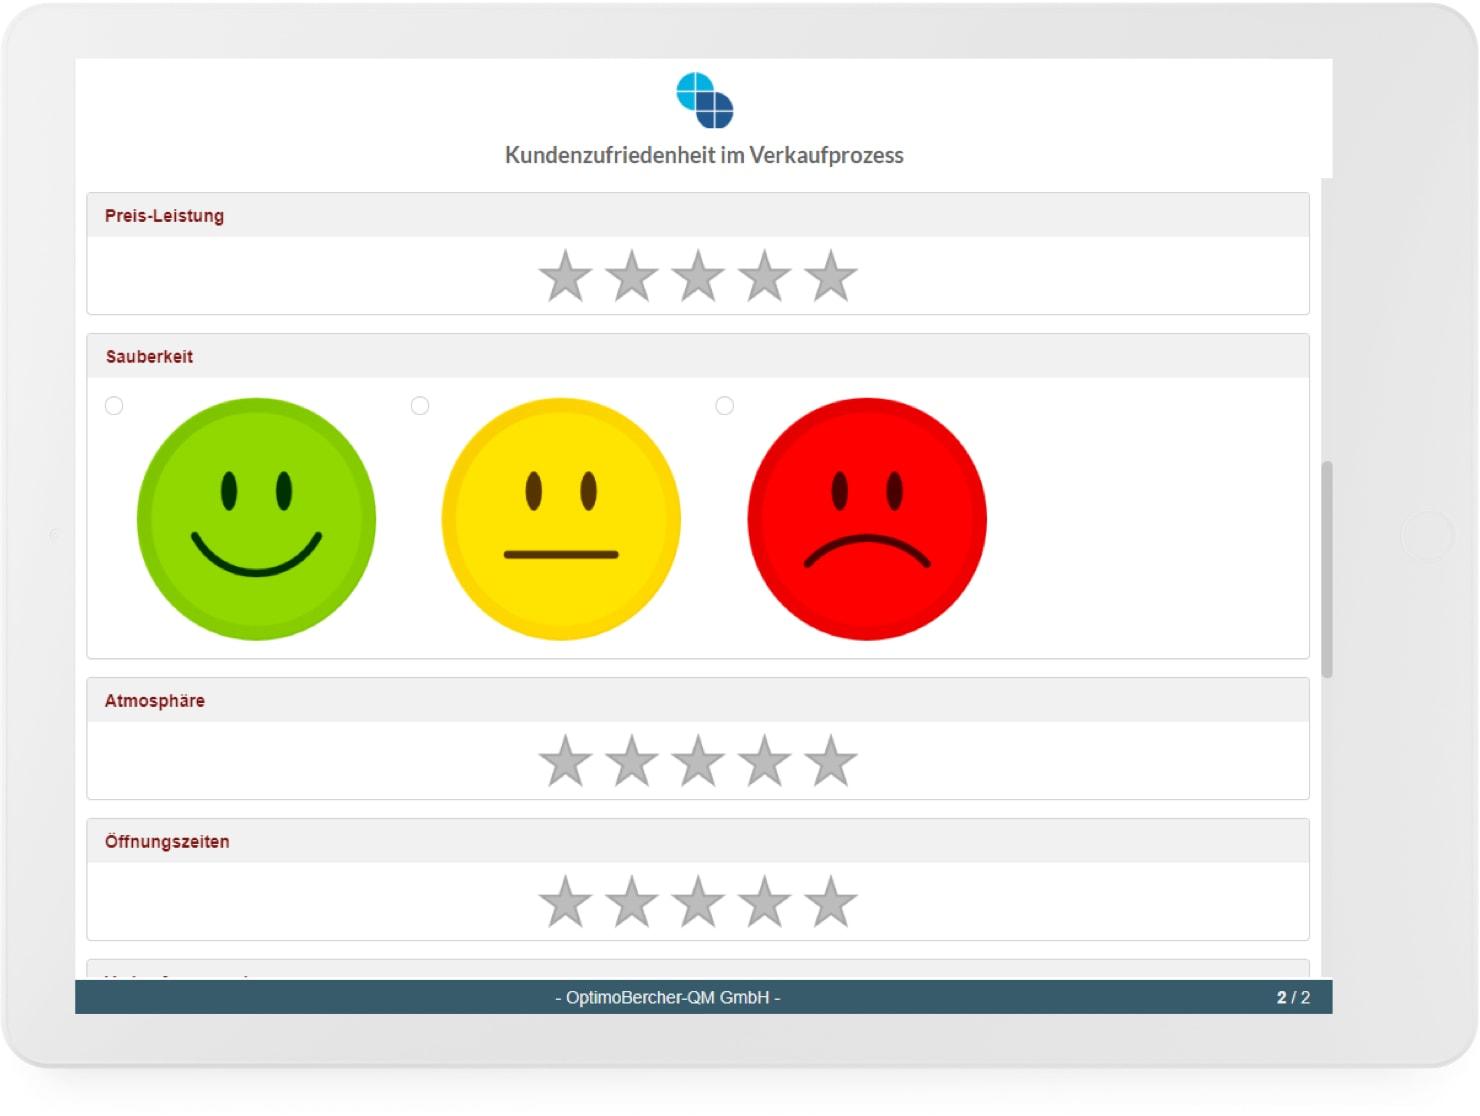 Die Meinung der Kunden ins Qualitätsmanagement mit einbeziehen mit Hilfe von anonymen Umfragen, die per QR-Code oder als Link bereitgestellt werden können.